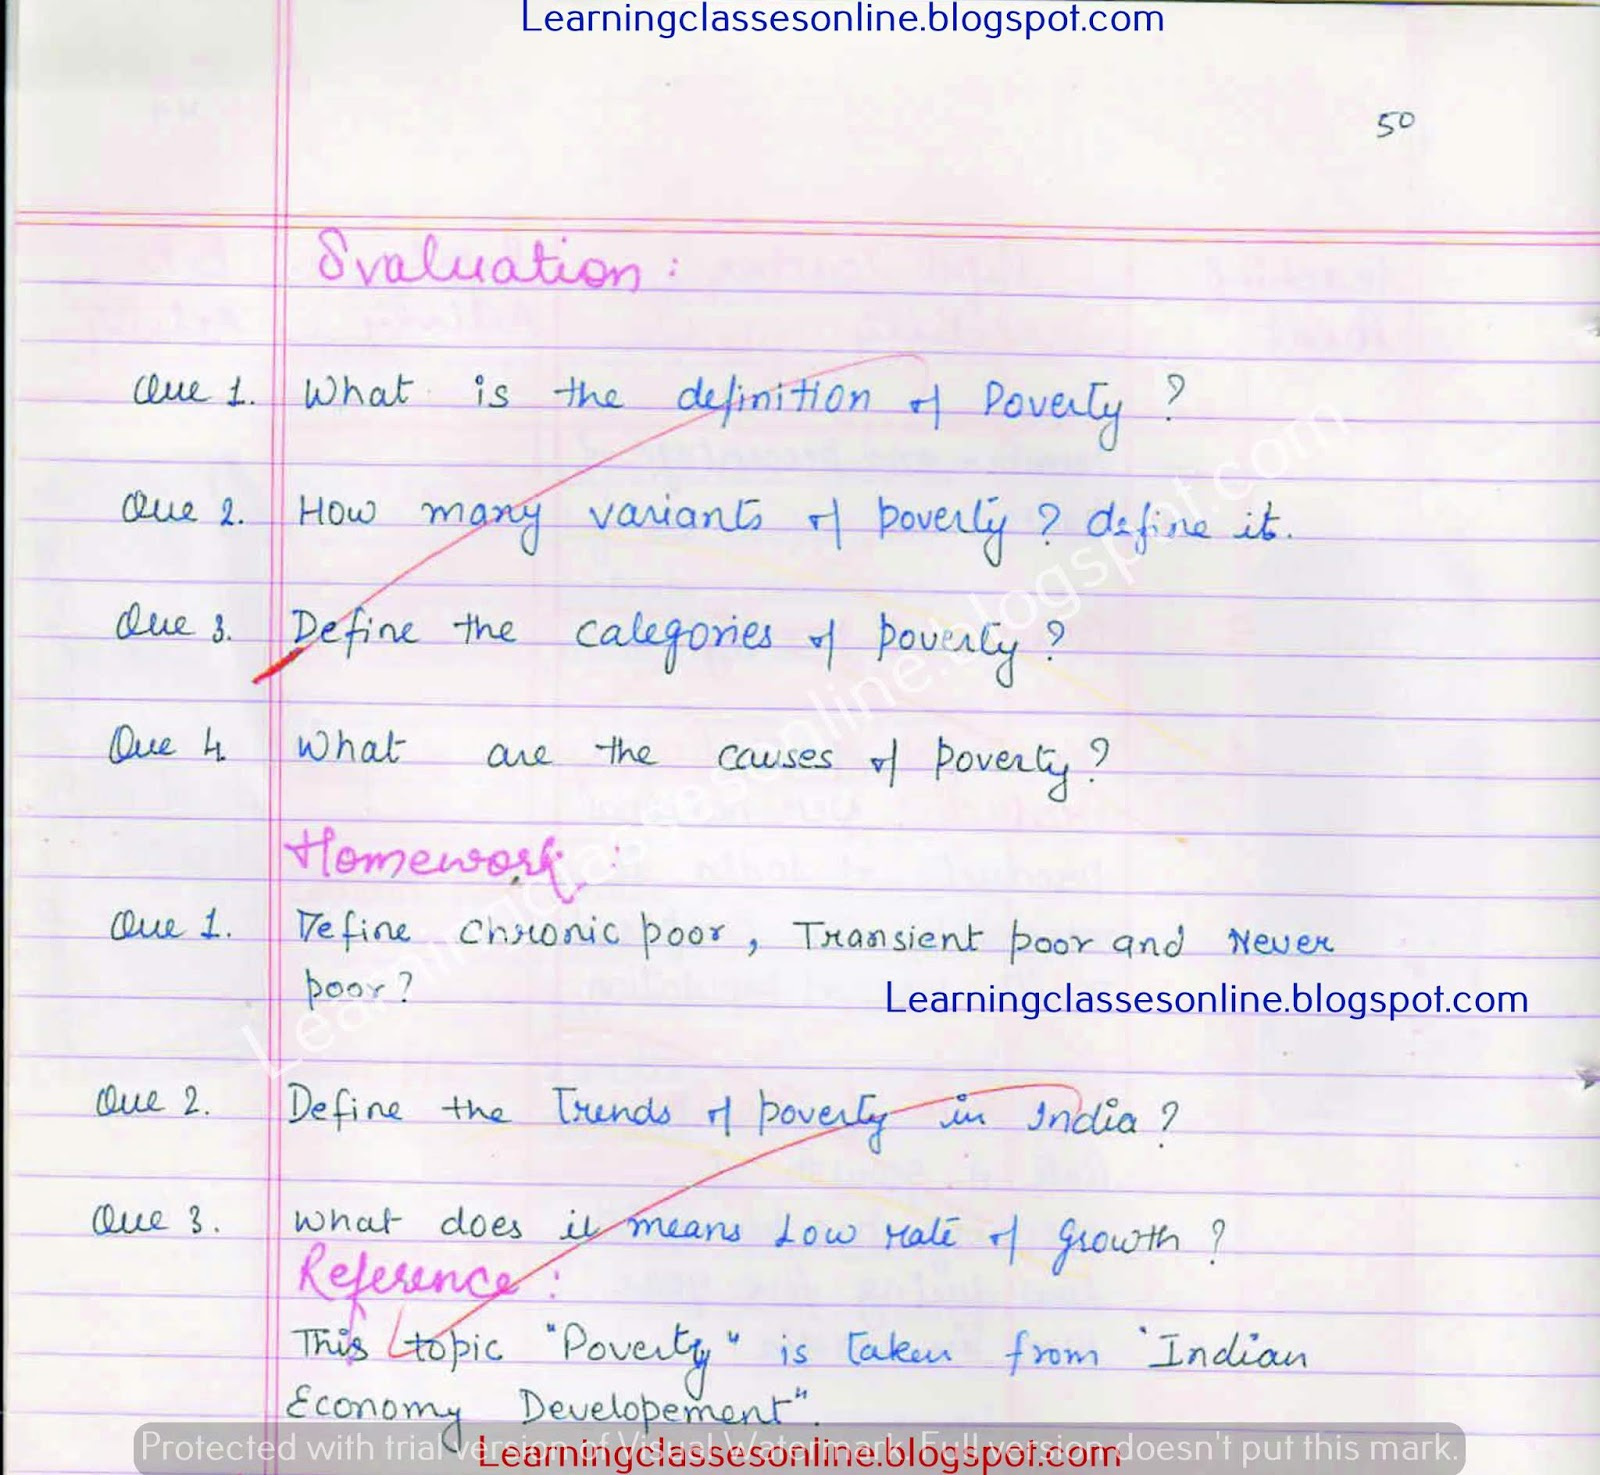 economics lesson plans, lesson plan for economics for b ed, lesson plan for economics for teachers, lesson plan for economics grade 9 , lesson plan for economics class 9,